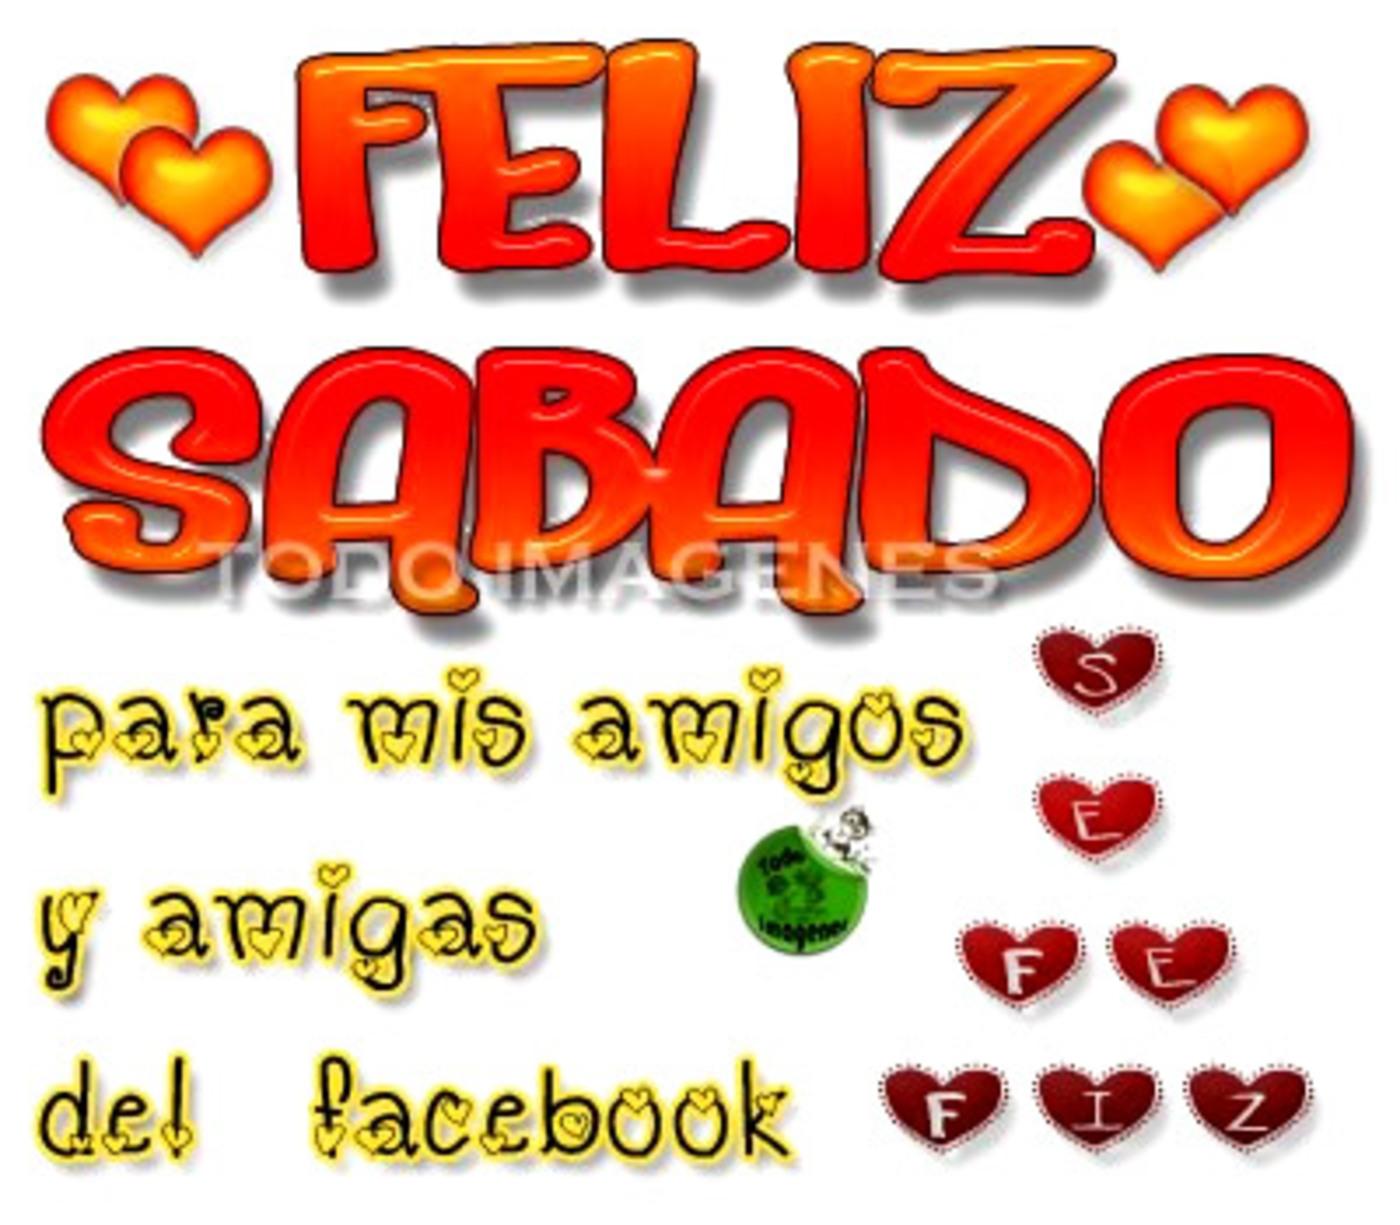 Feliz sábado para mis amigos y amigas del facebook